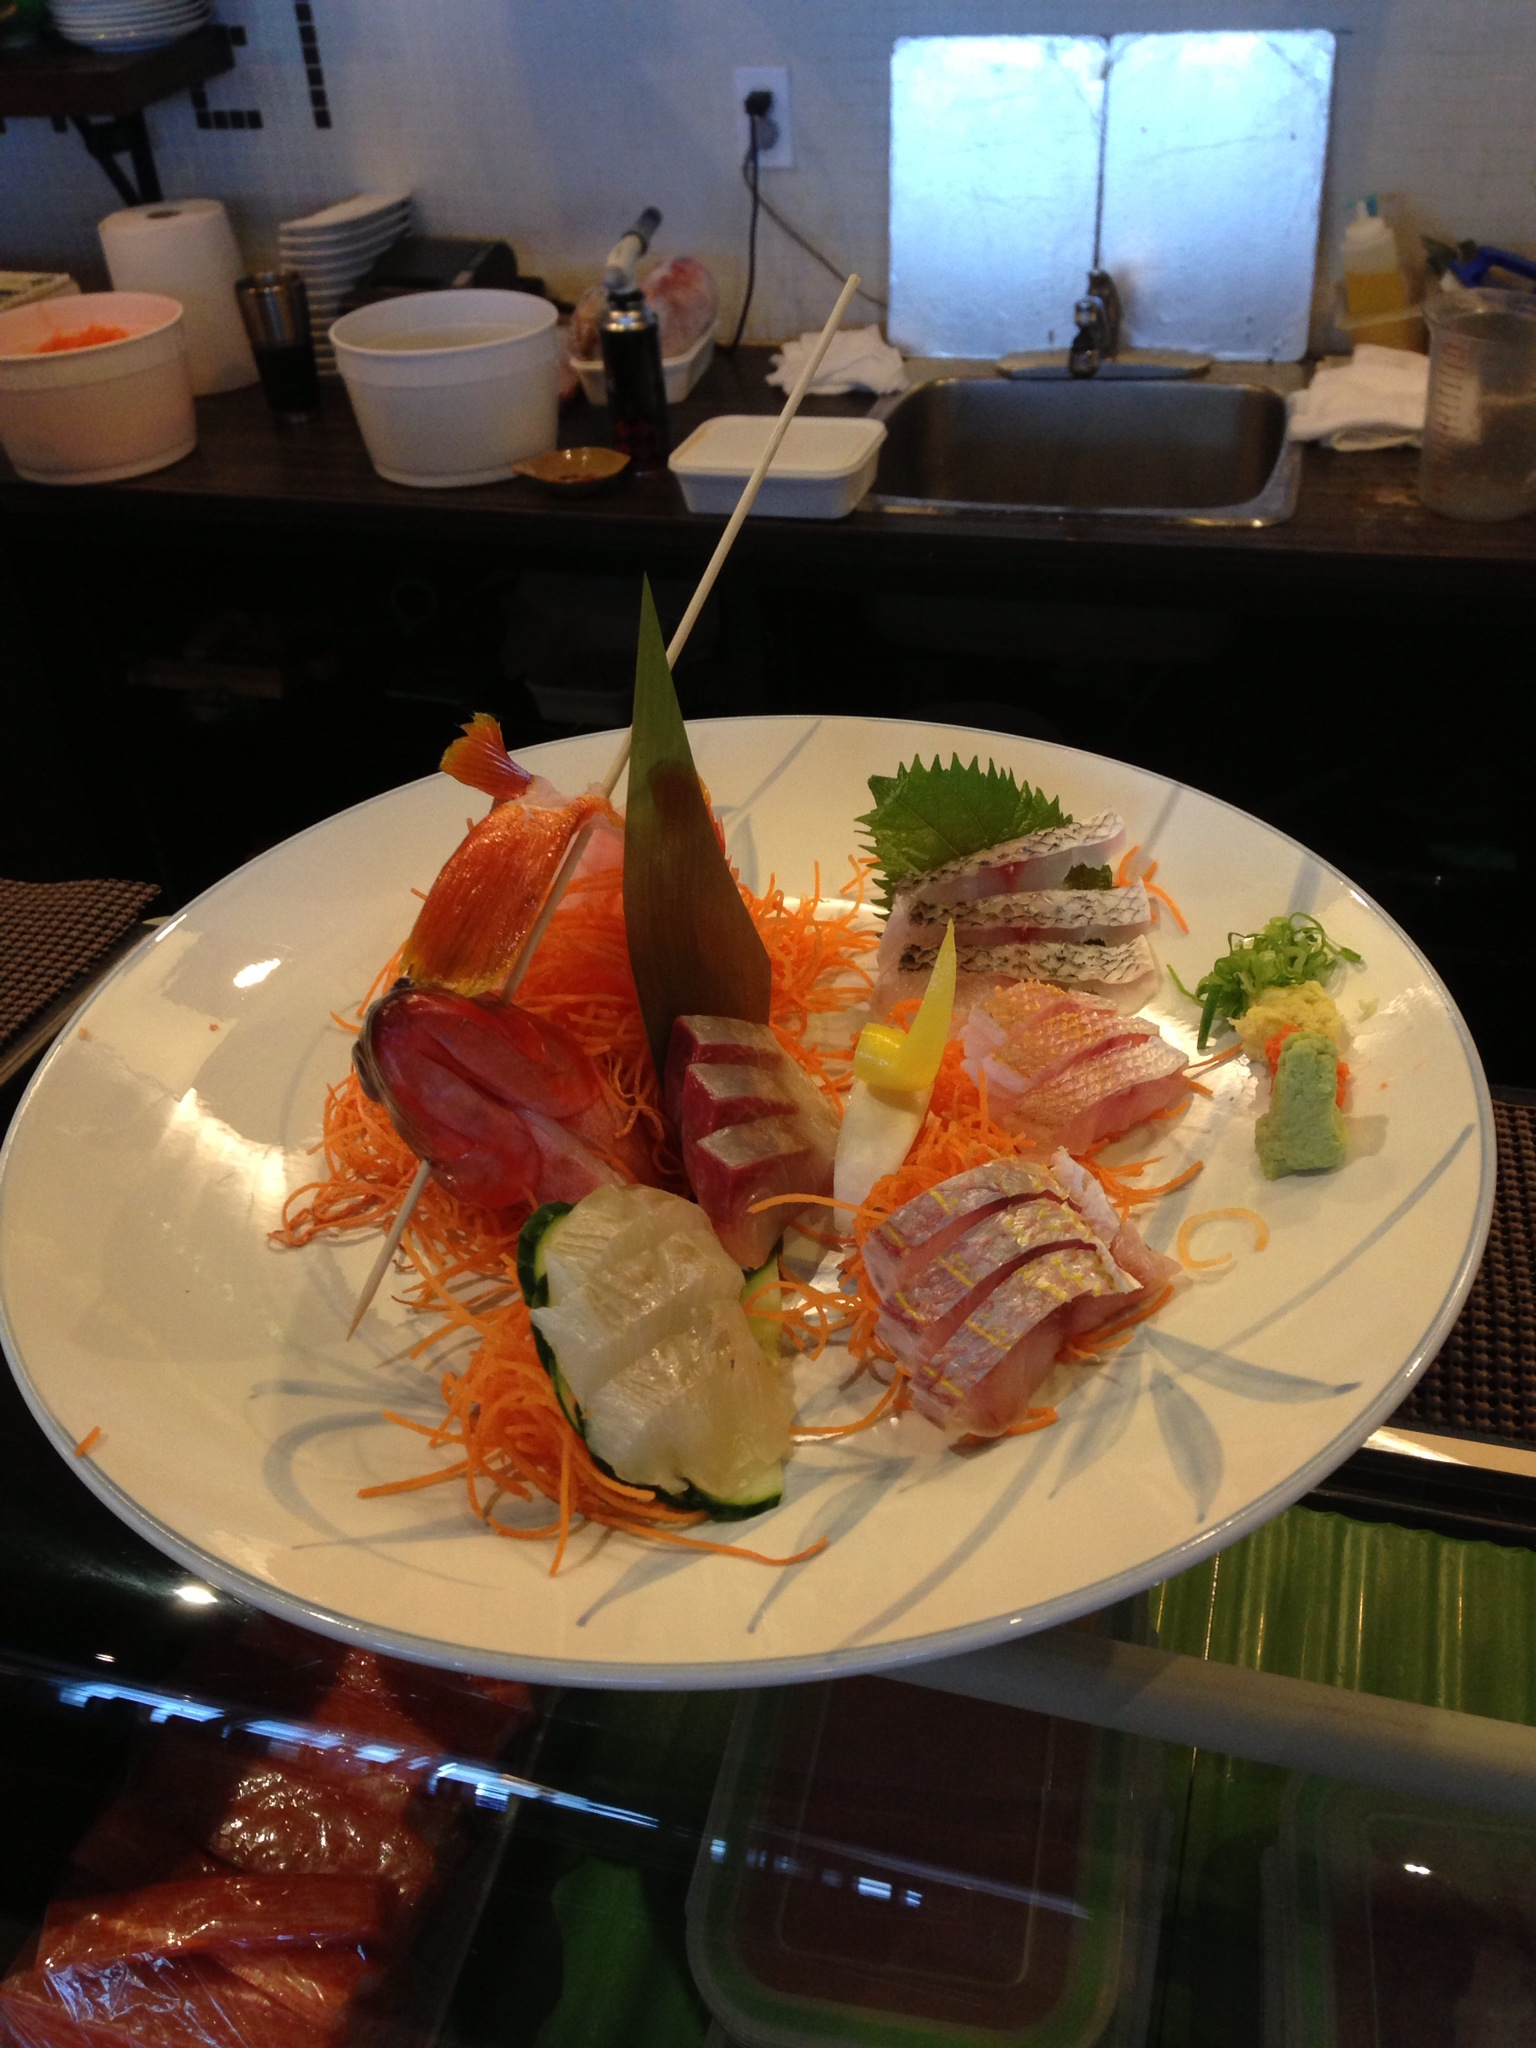 Inatei Japanese Cuisine